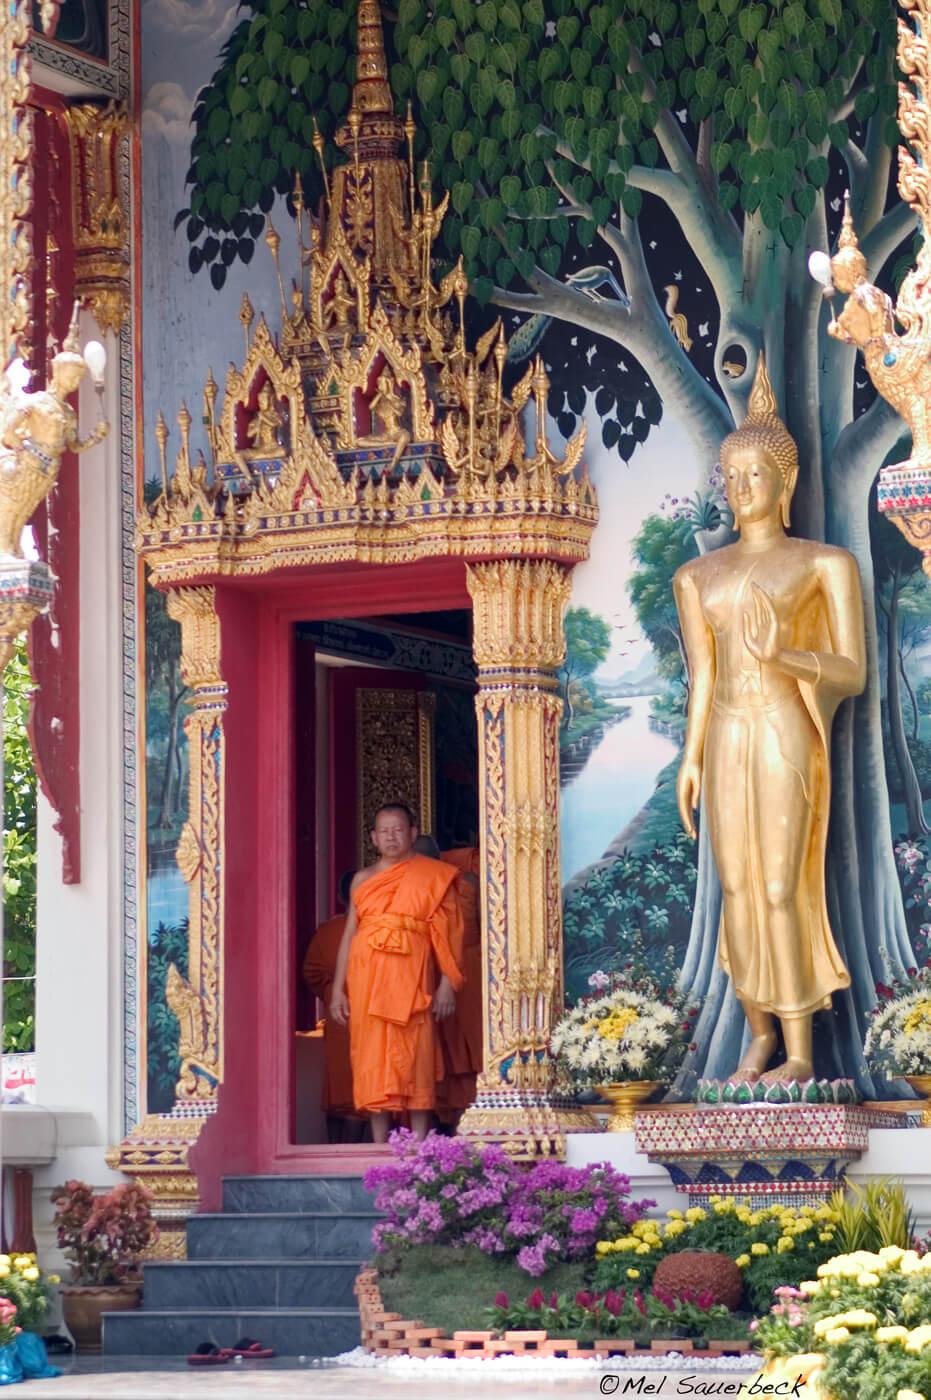 Monk in temple door, Thailand